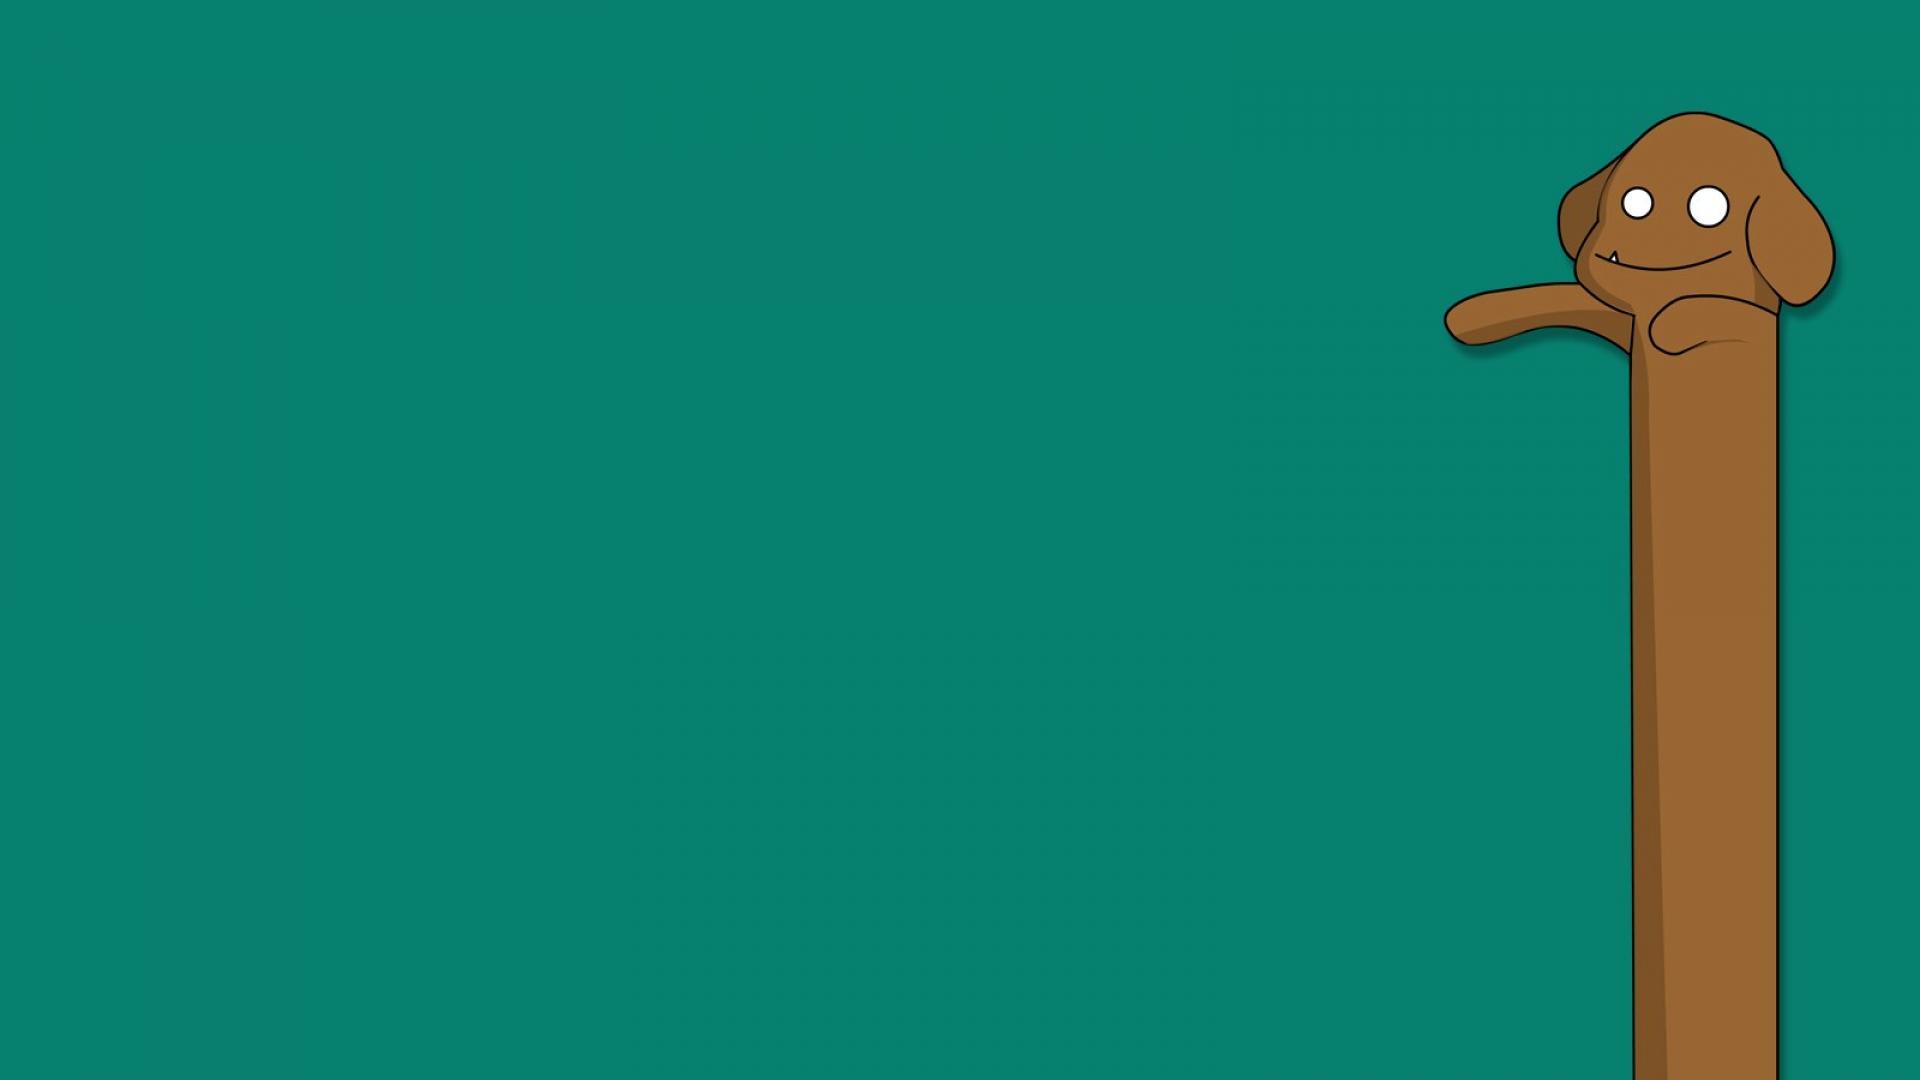 Simple wallpaper 1600x900 HQ WALLPAPER   29369 1920x1080